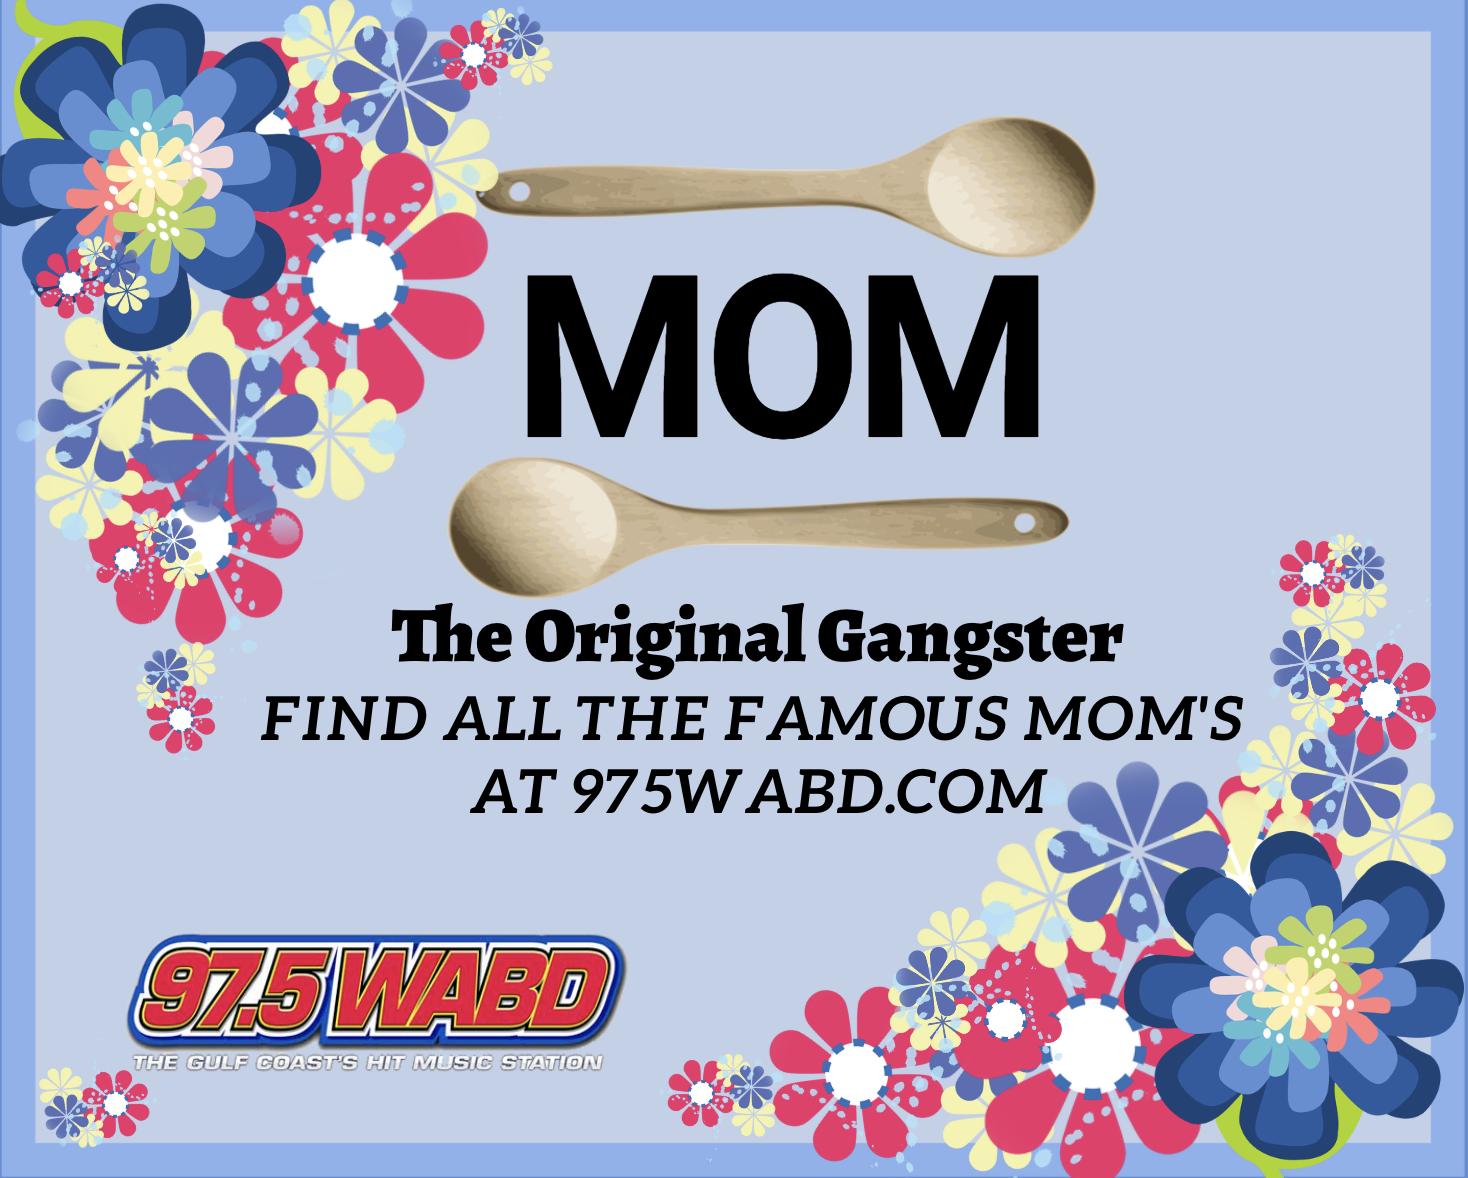 FAMOUS MOMS CONTEST